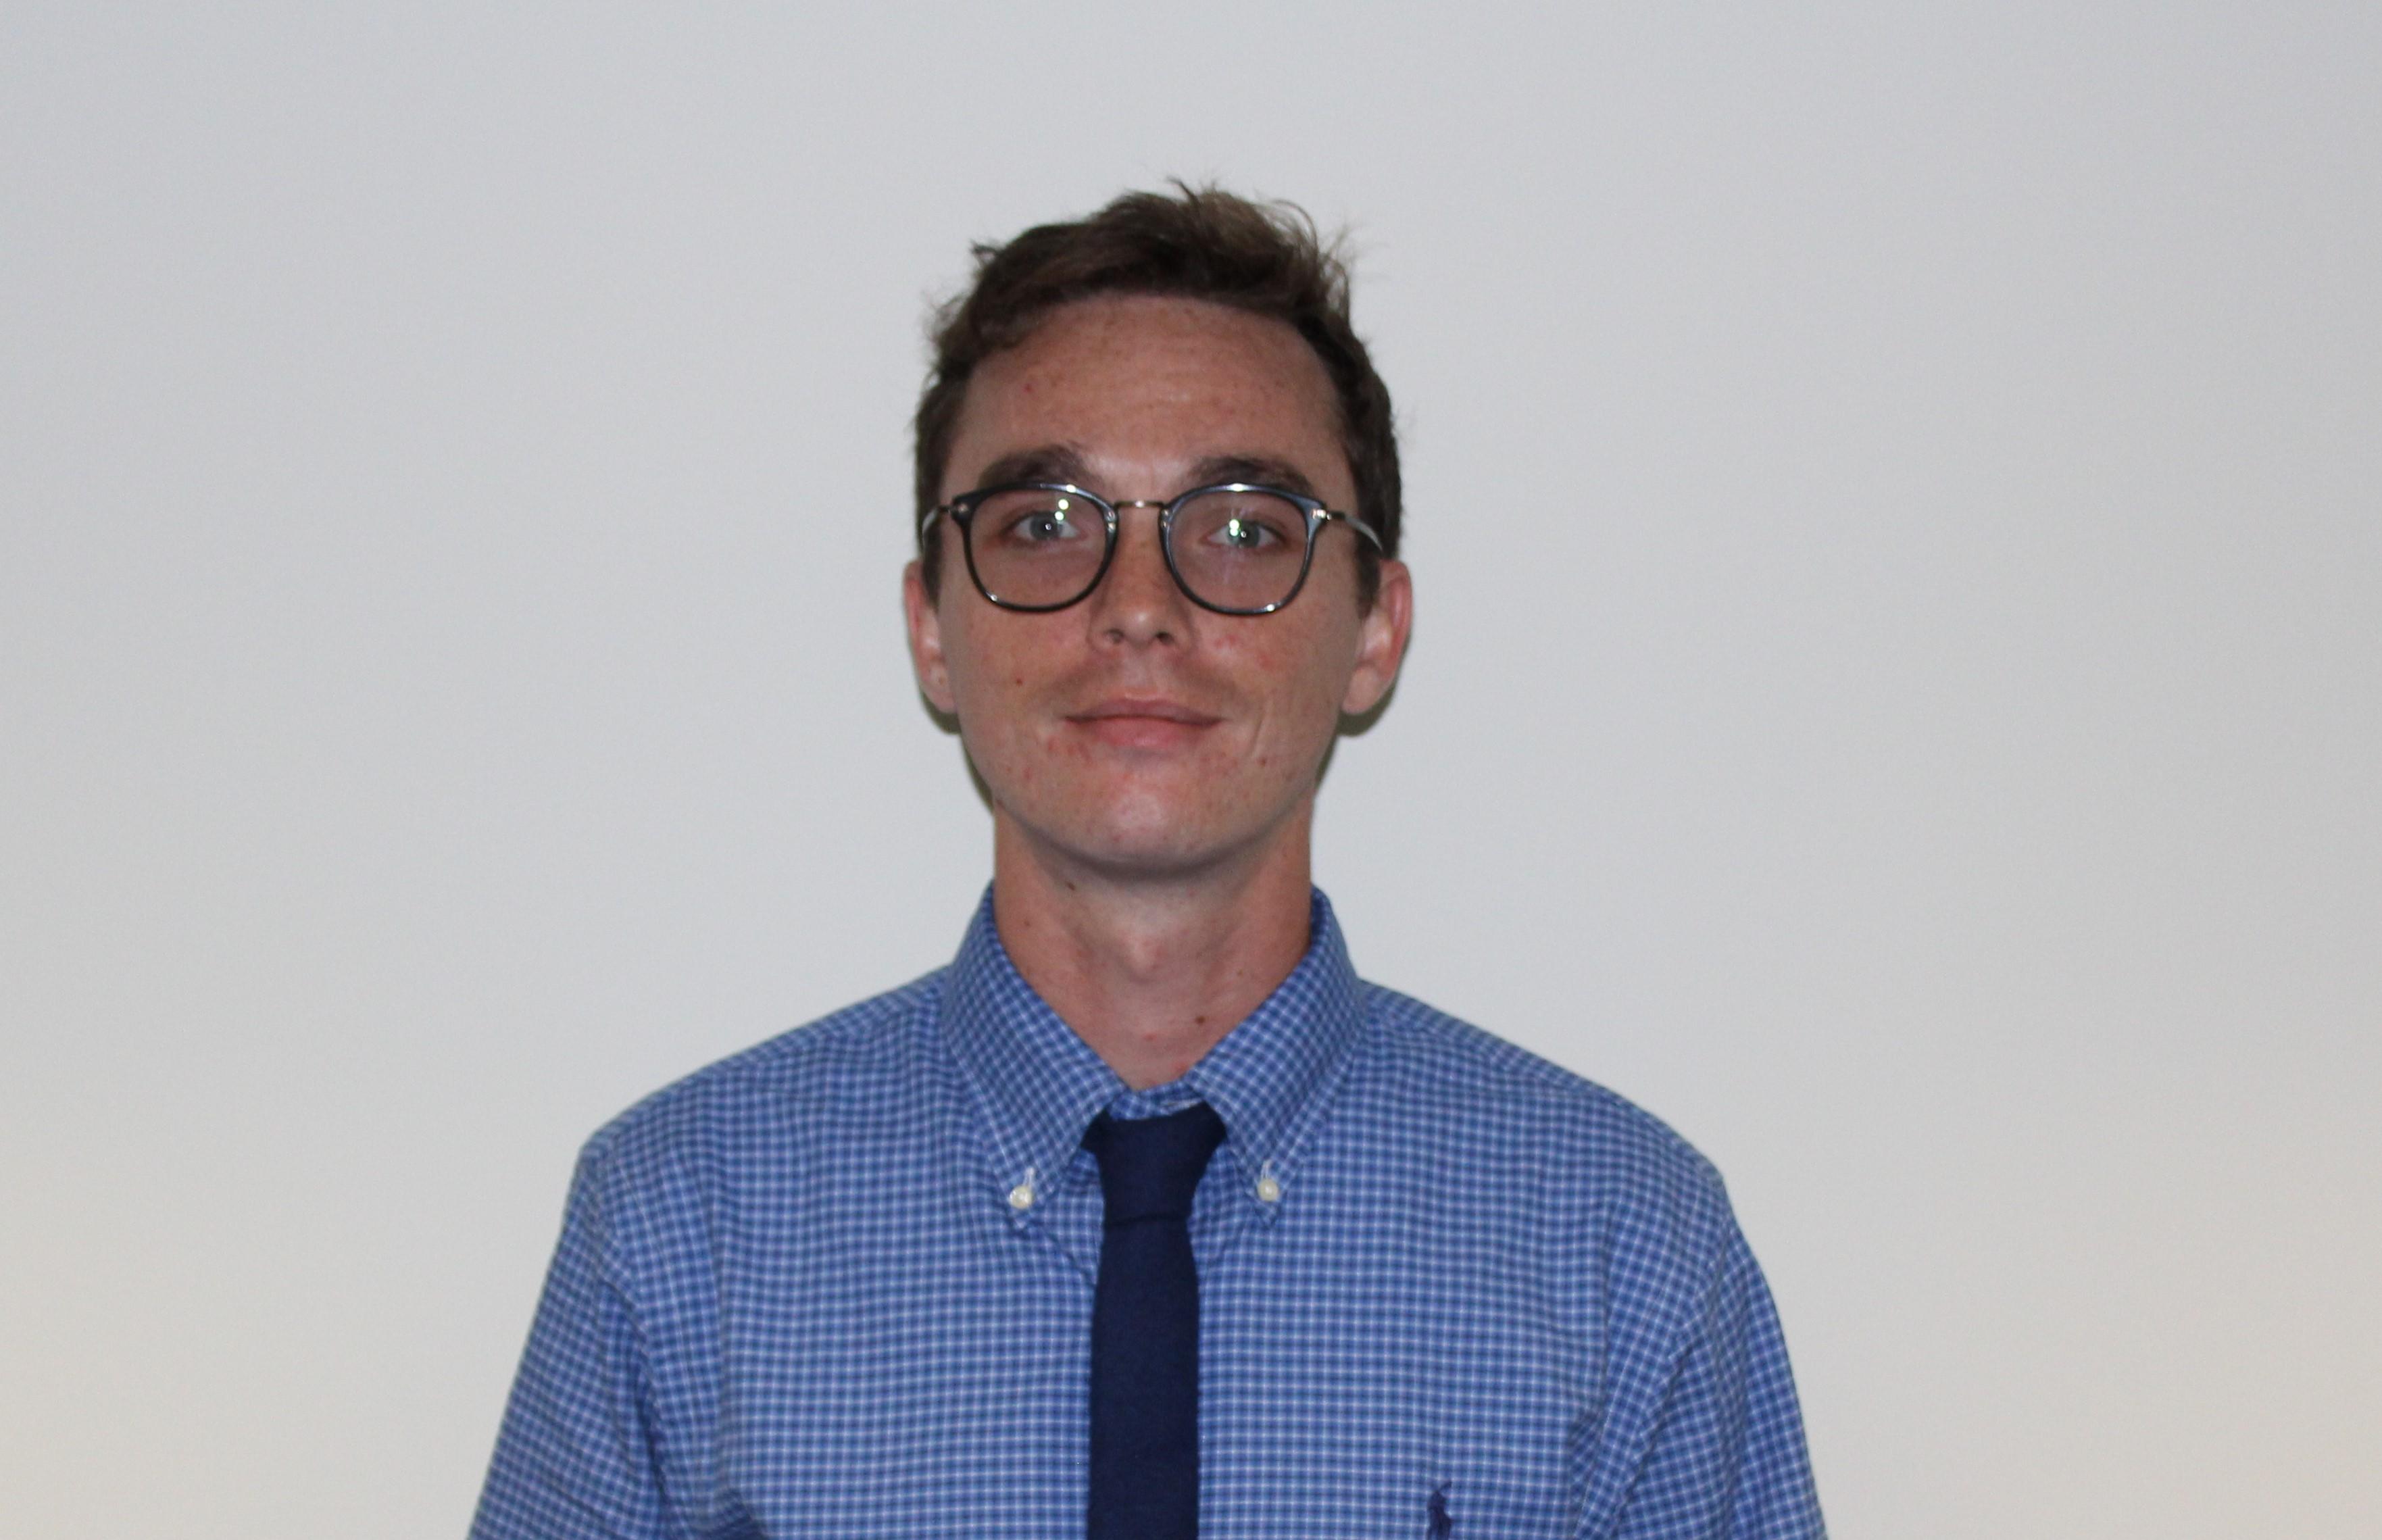 Drew Cloutier Bio Image